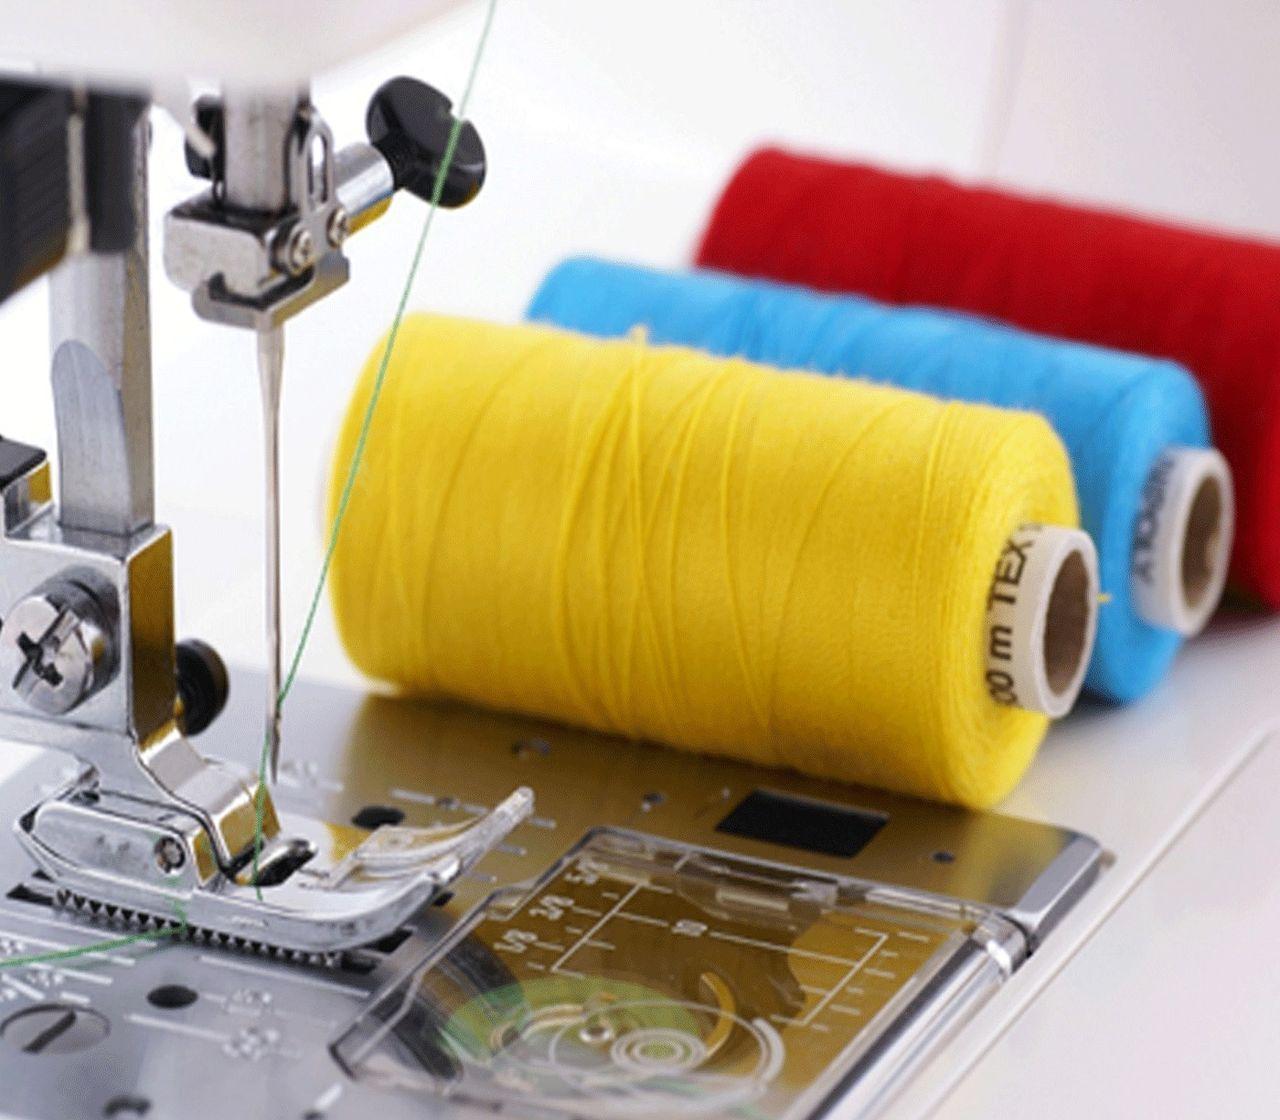 Ассортимент швейного оборудования по цене от производителя в интернет-магазине softorg.com.ua